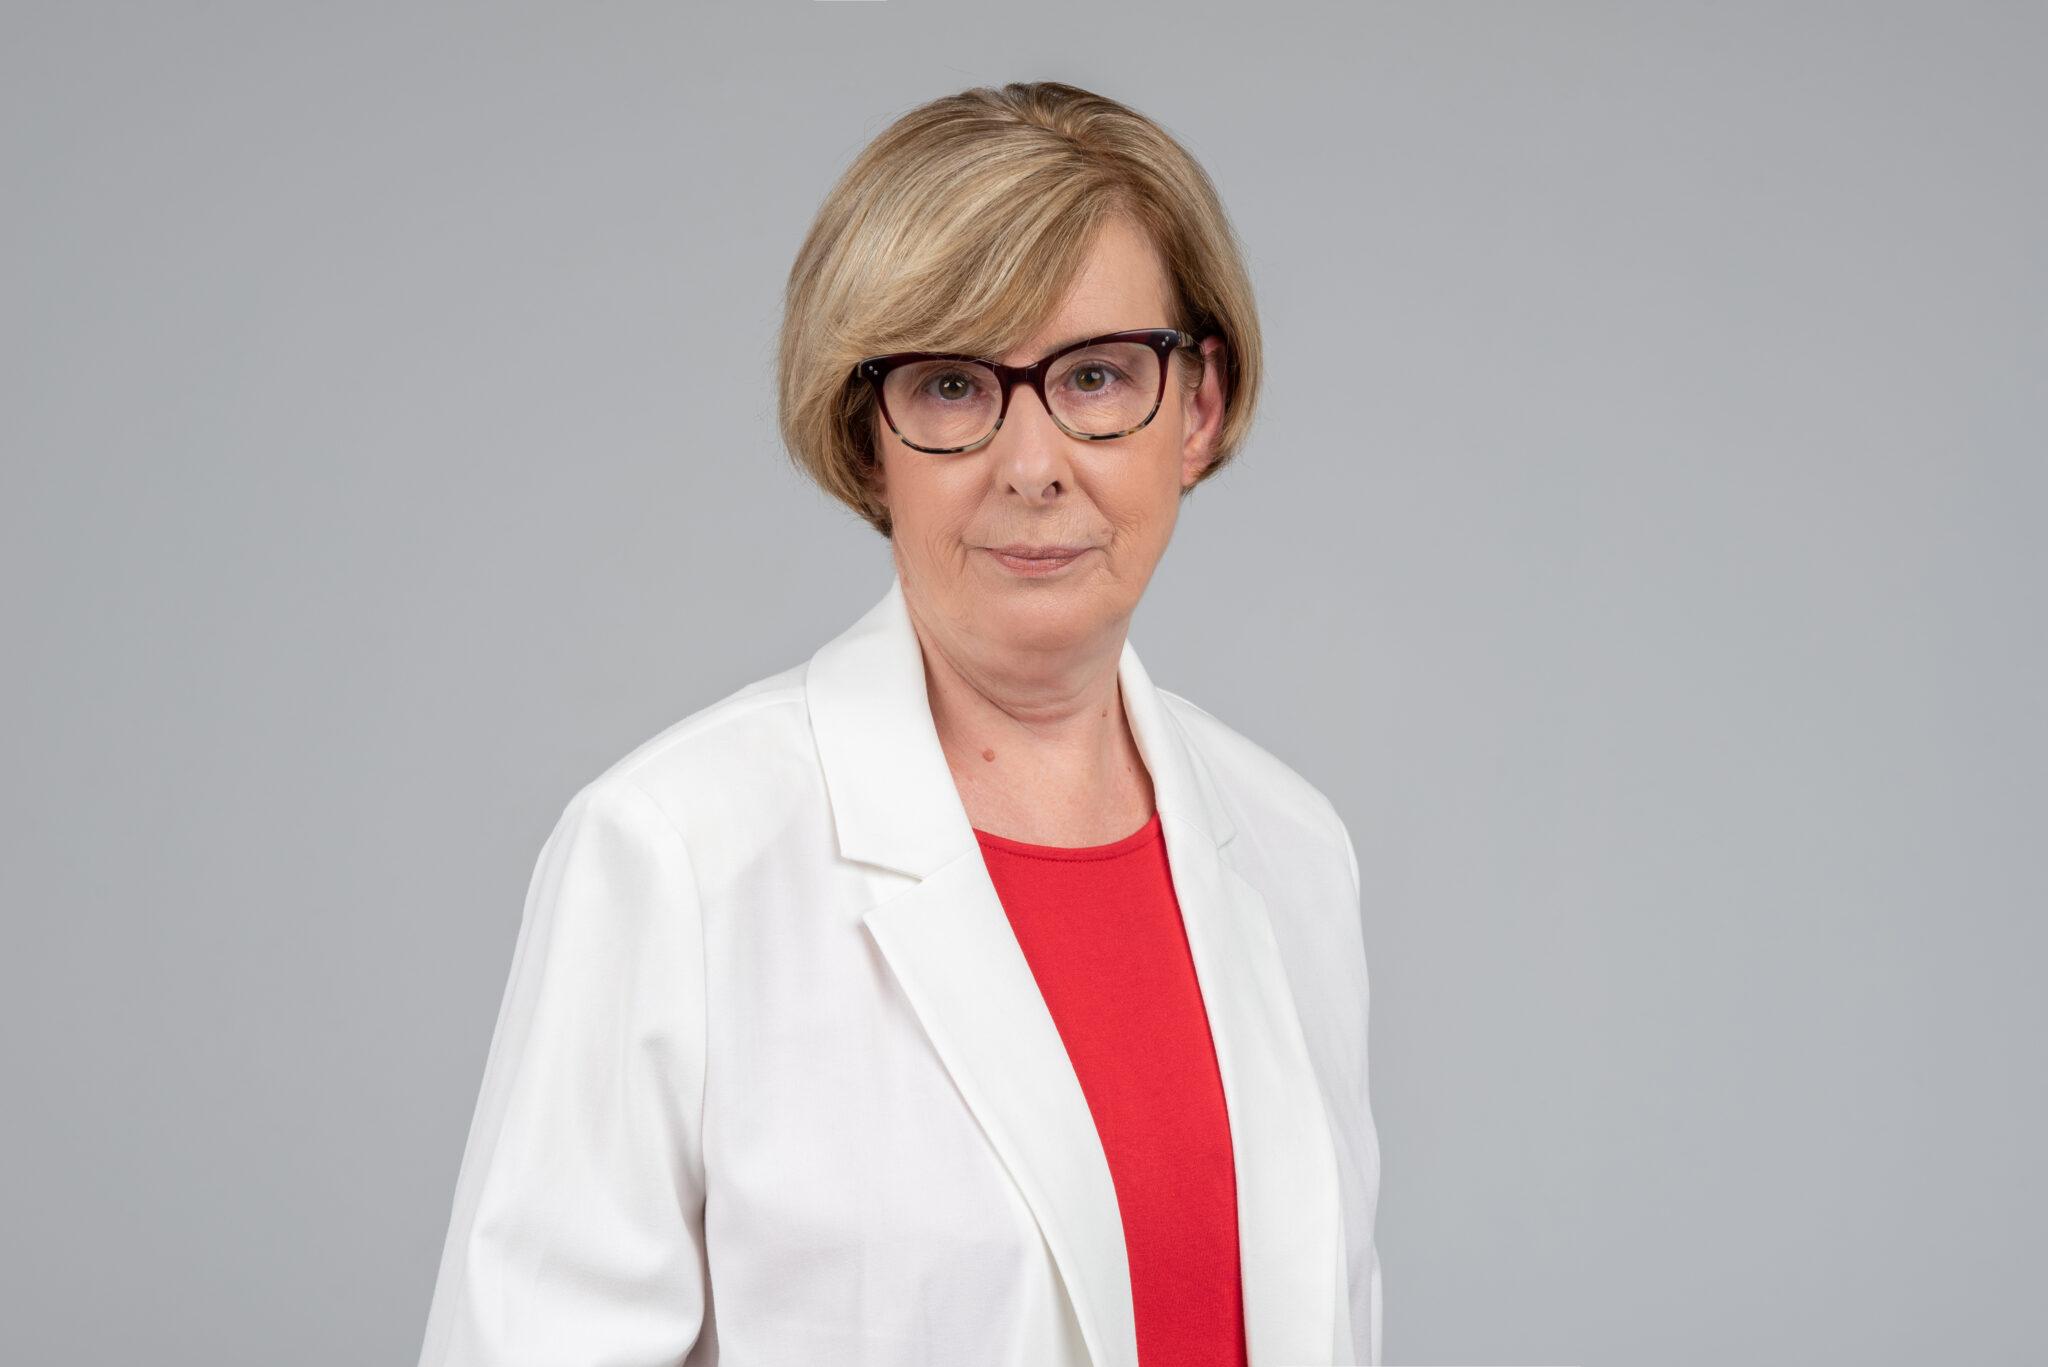 Κατερίνα Κουτσογιάννη στο ygeia50plus: «Η αντιεμβολιαστική ρητορική έχει πάρει επικίνδυνες διαστάσεις»